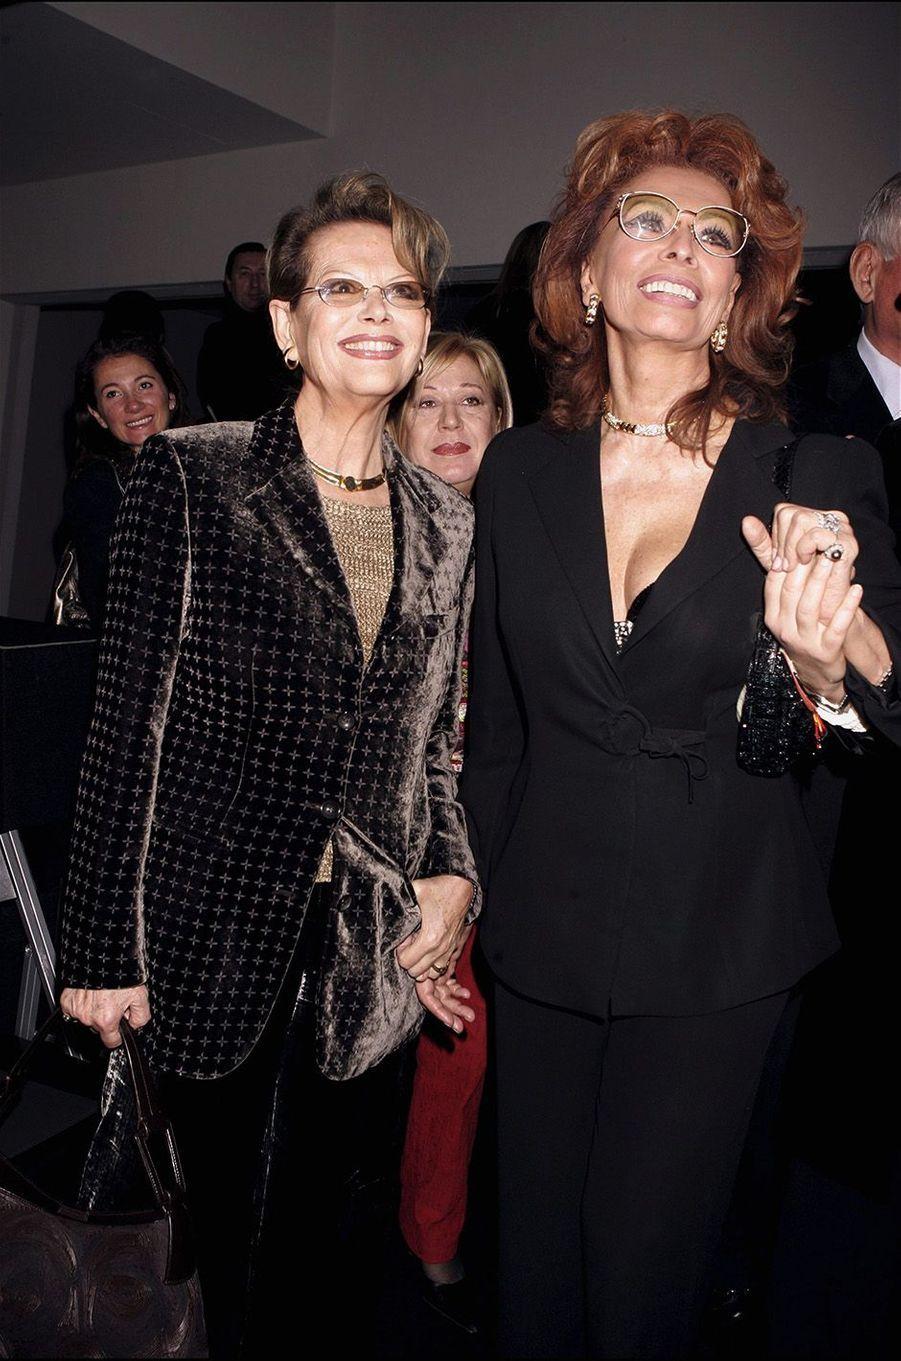 Claudia avec Sophia Lauren en 2006.